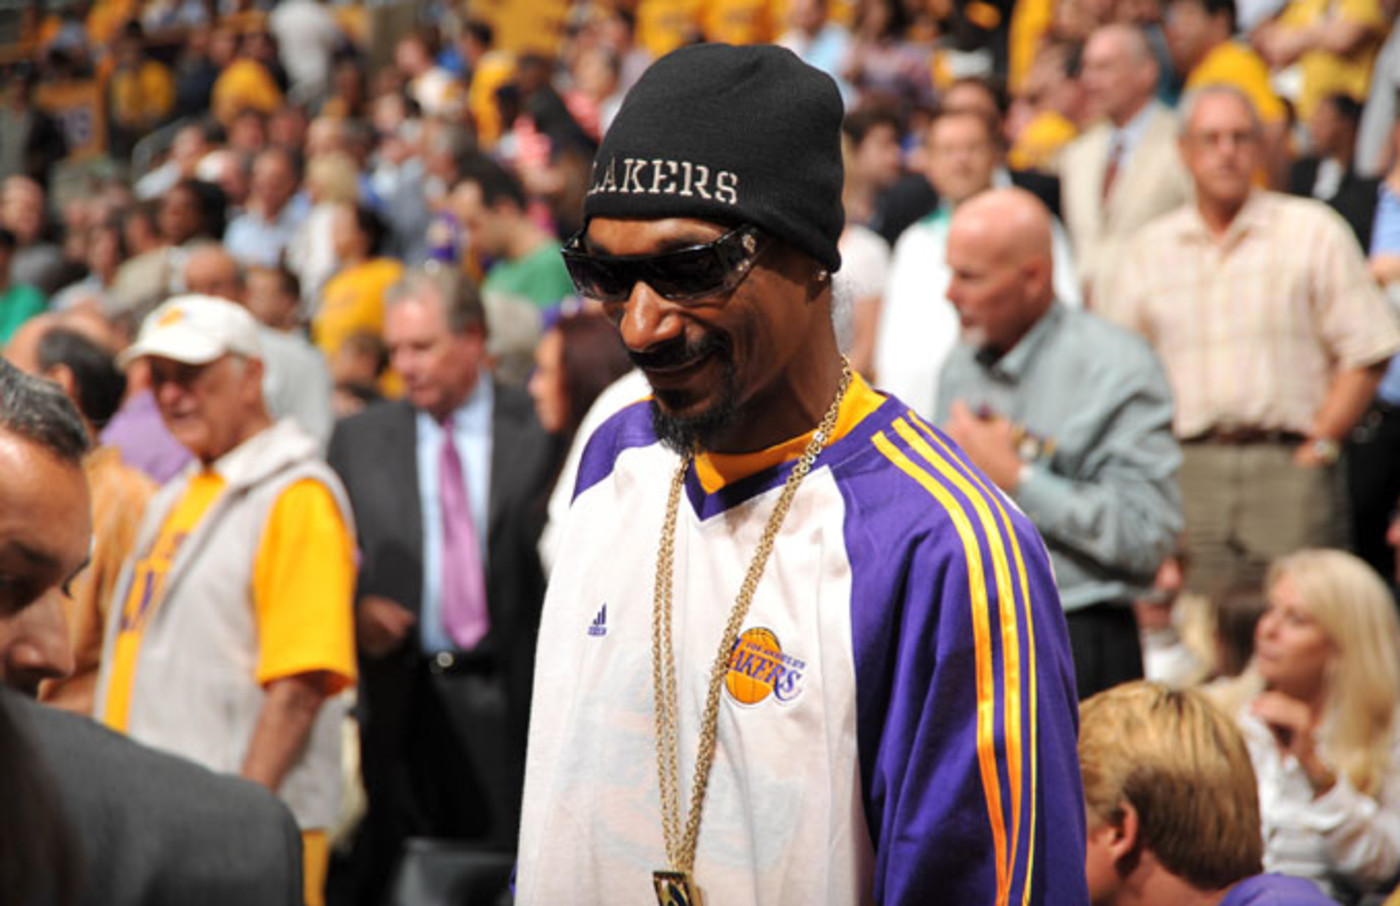 Snoop Dogg at the 2010 NBA Finals